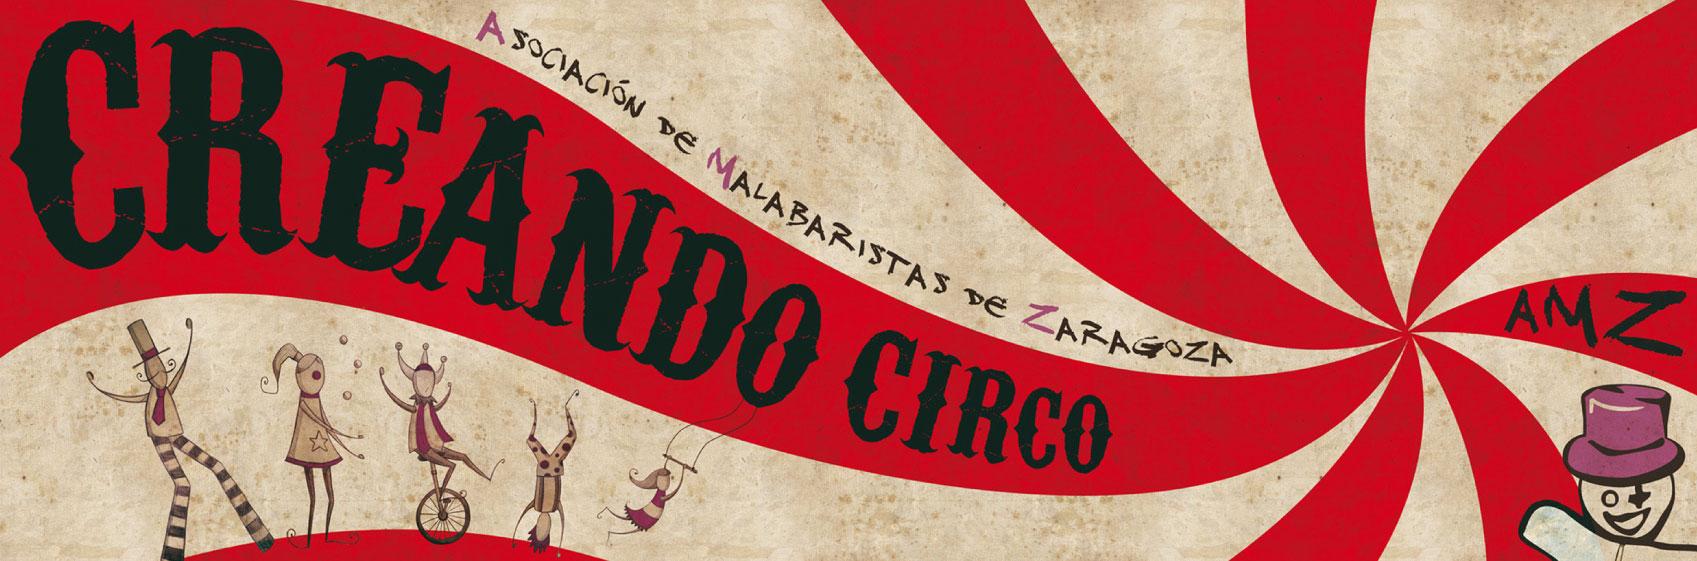 AMZ. Creando circo